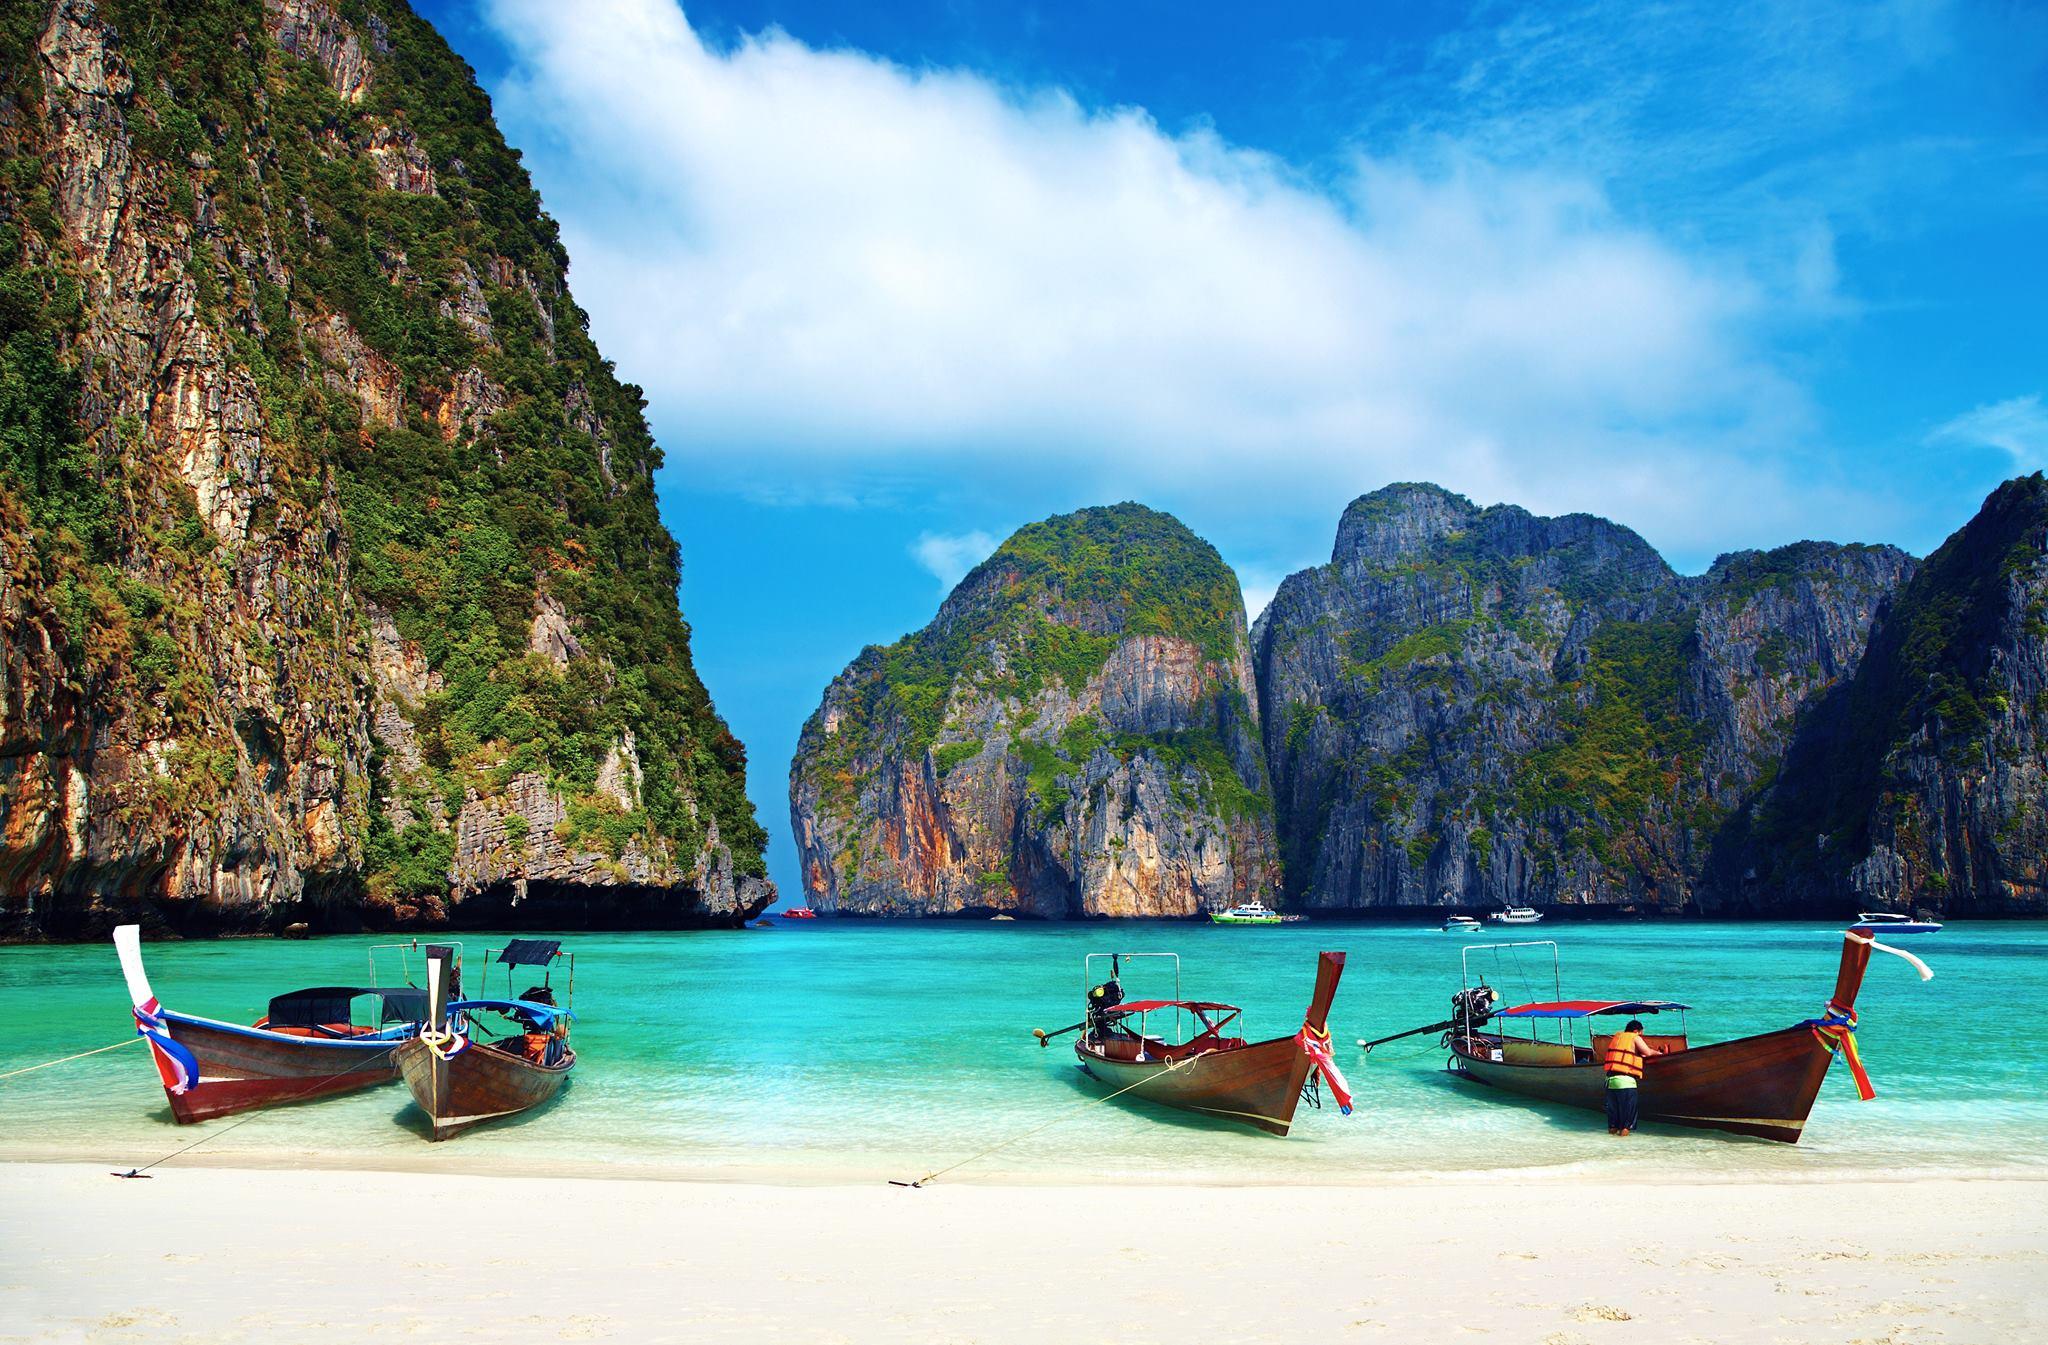 THAILAND - TOUR-ASIA.NET